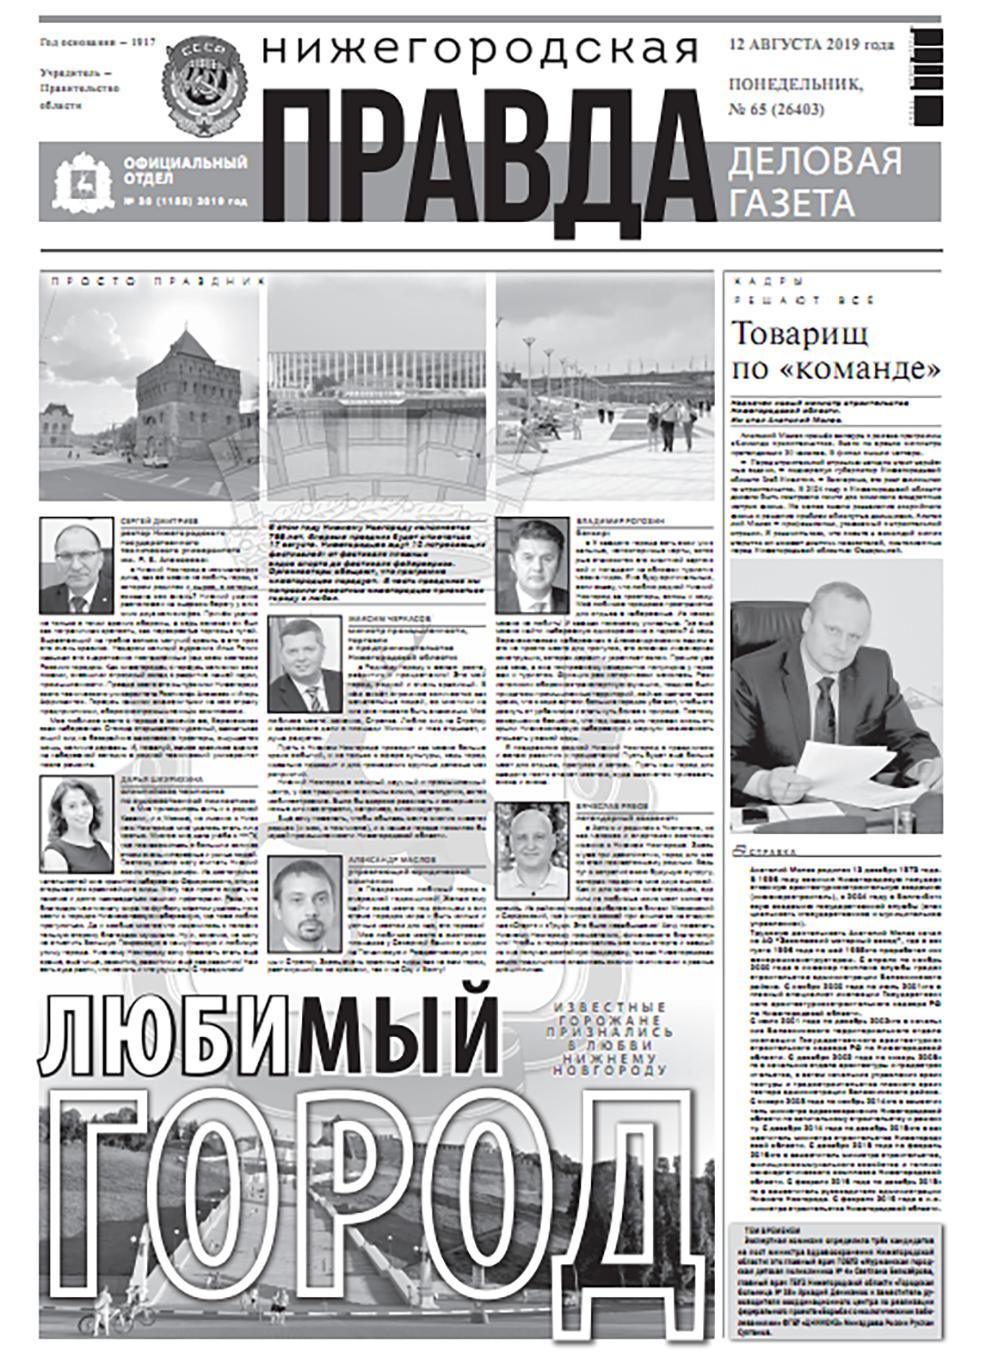 Нижегородская правда (понедельник Деловая газета + среда Толстушка)